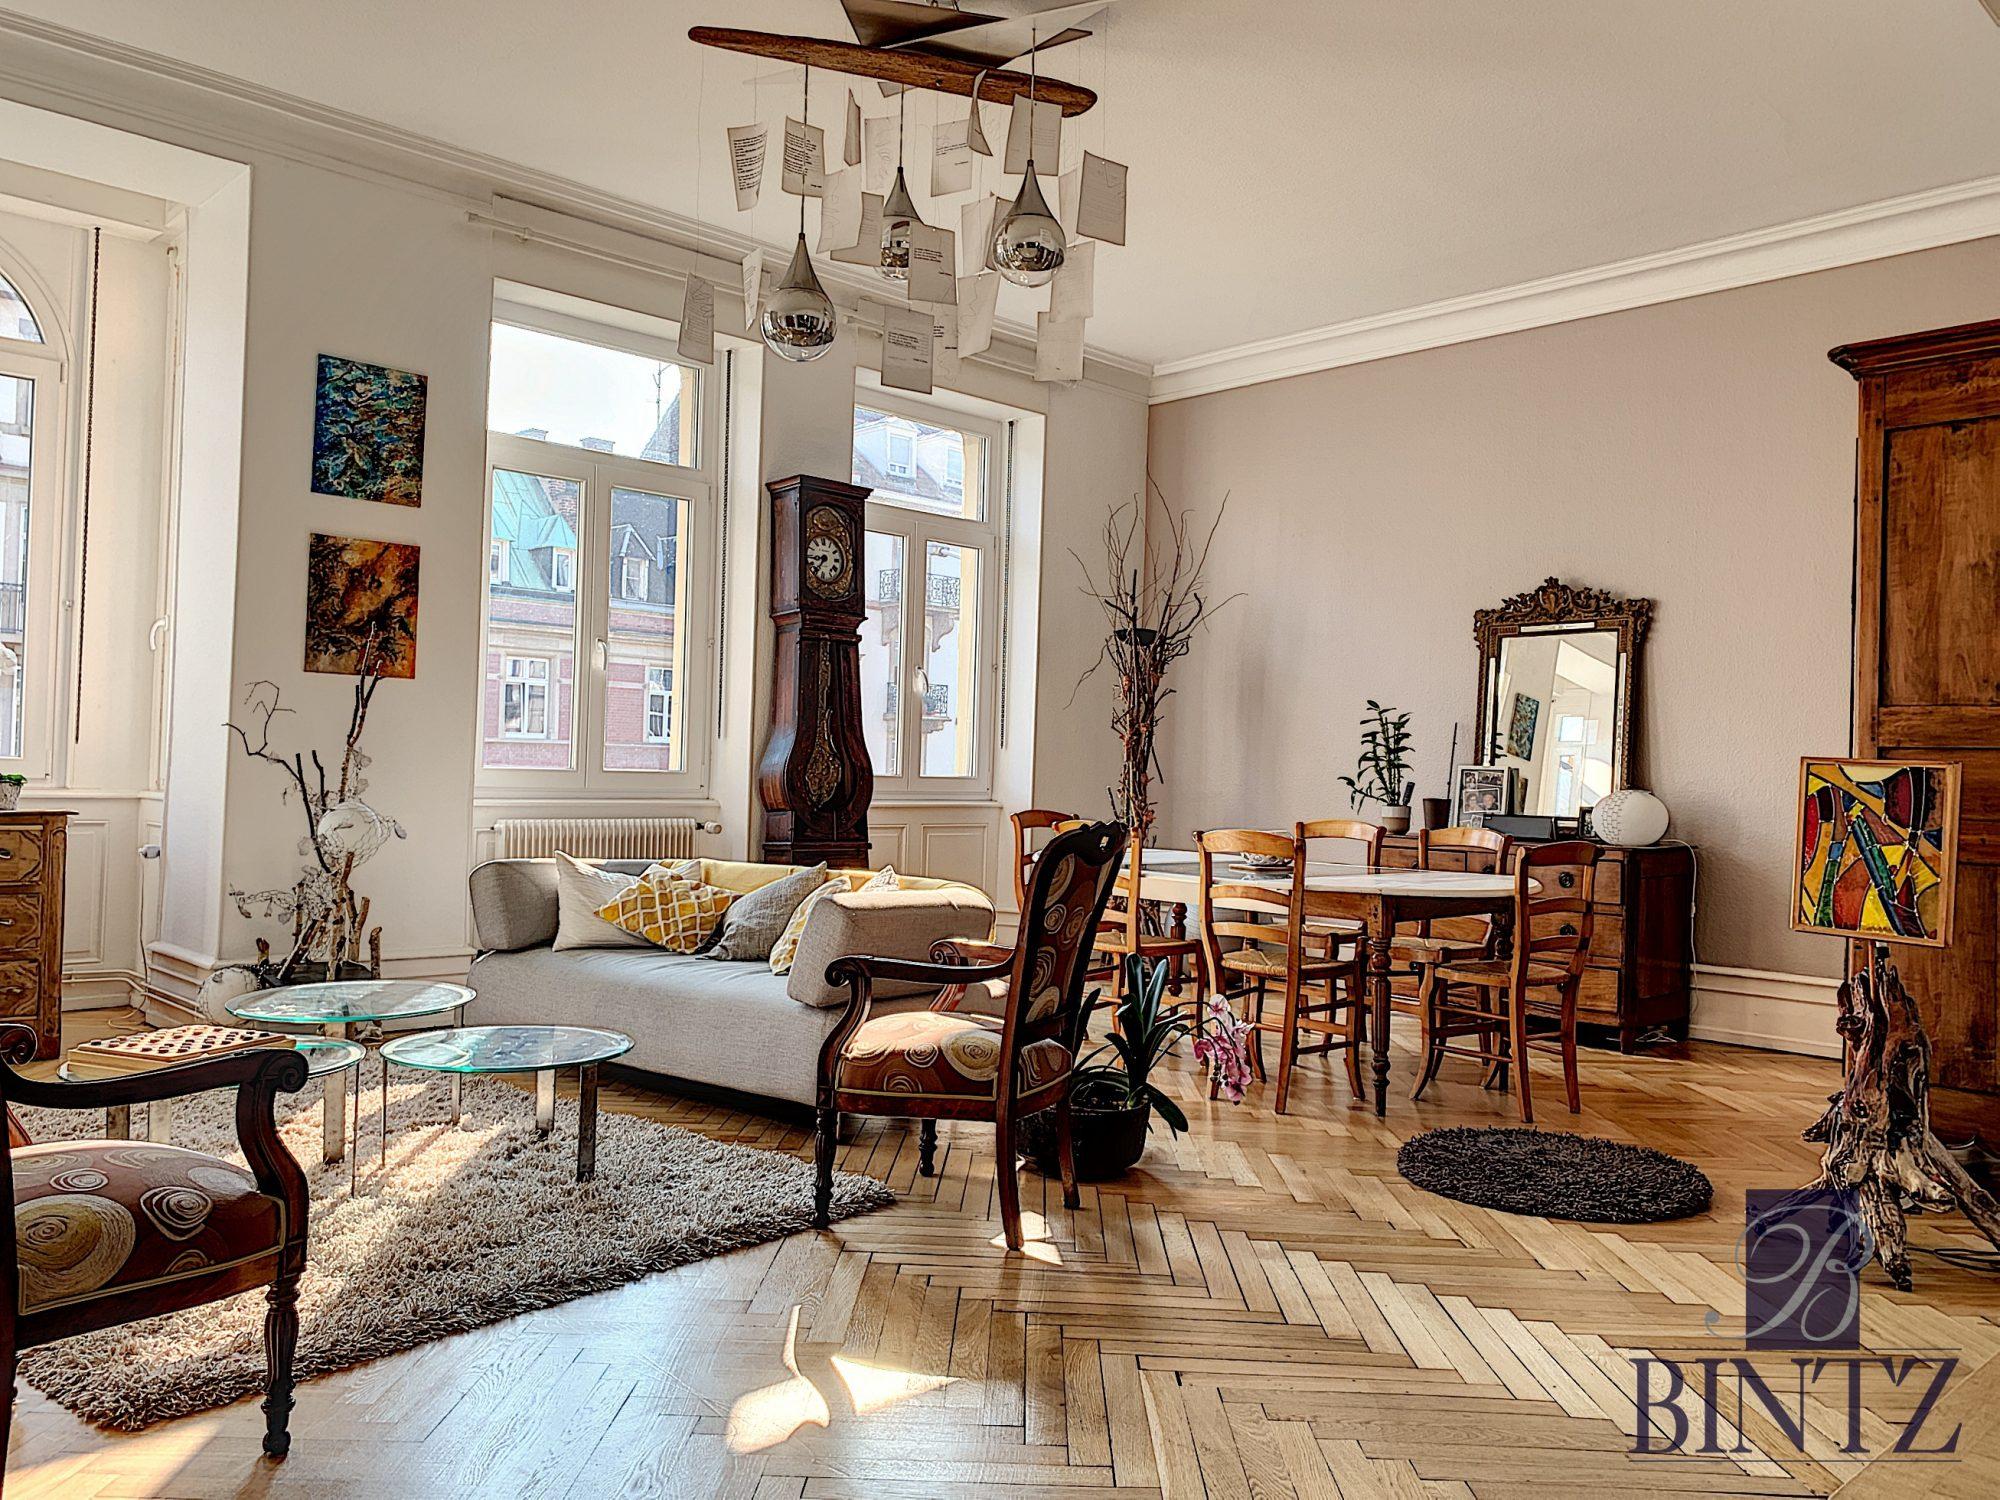 Appartement contemporain quartier forêt noire - Devenez propriétaire en toute confiance - Bintz Immobilier - 1